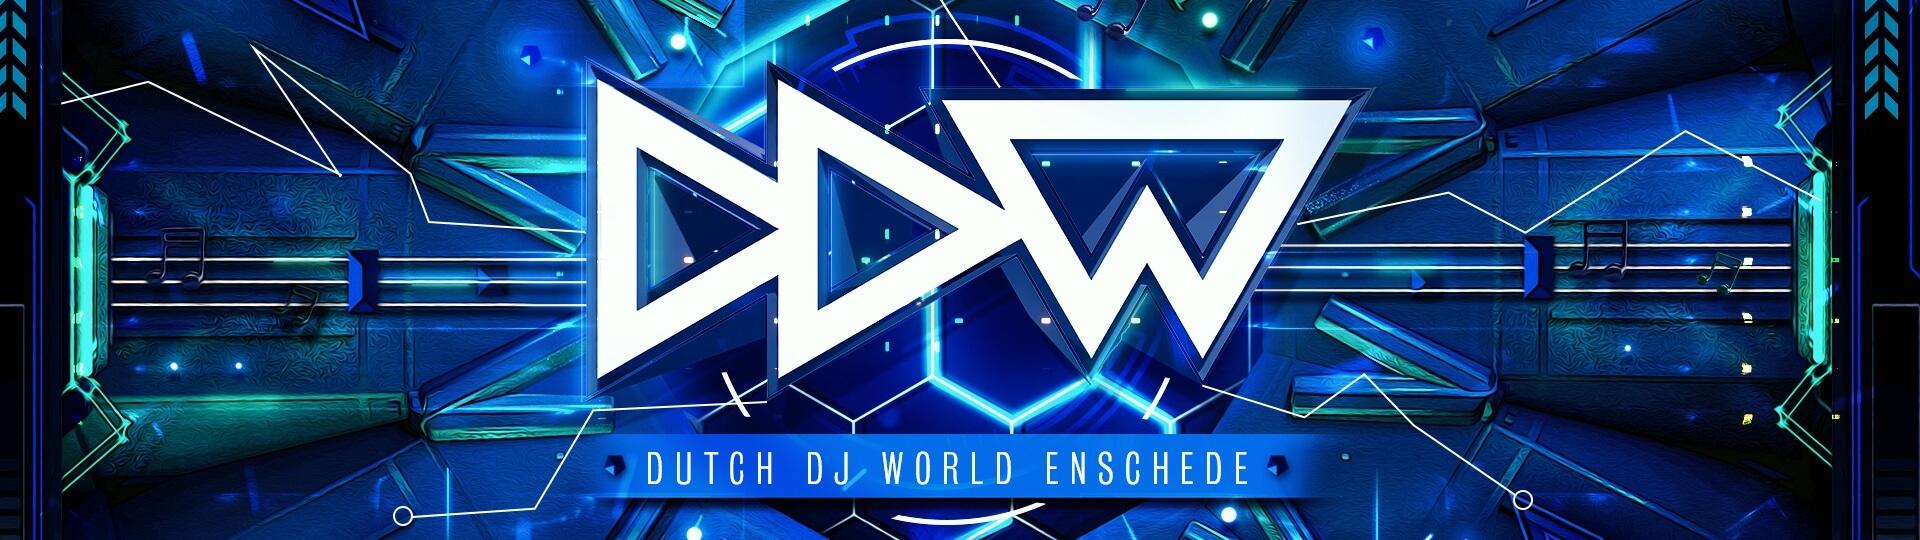 Dutch DJ World Enschede